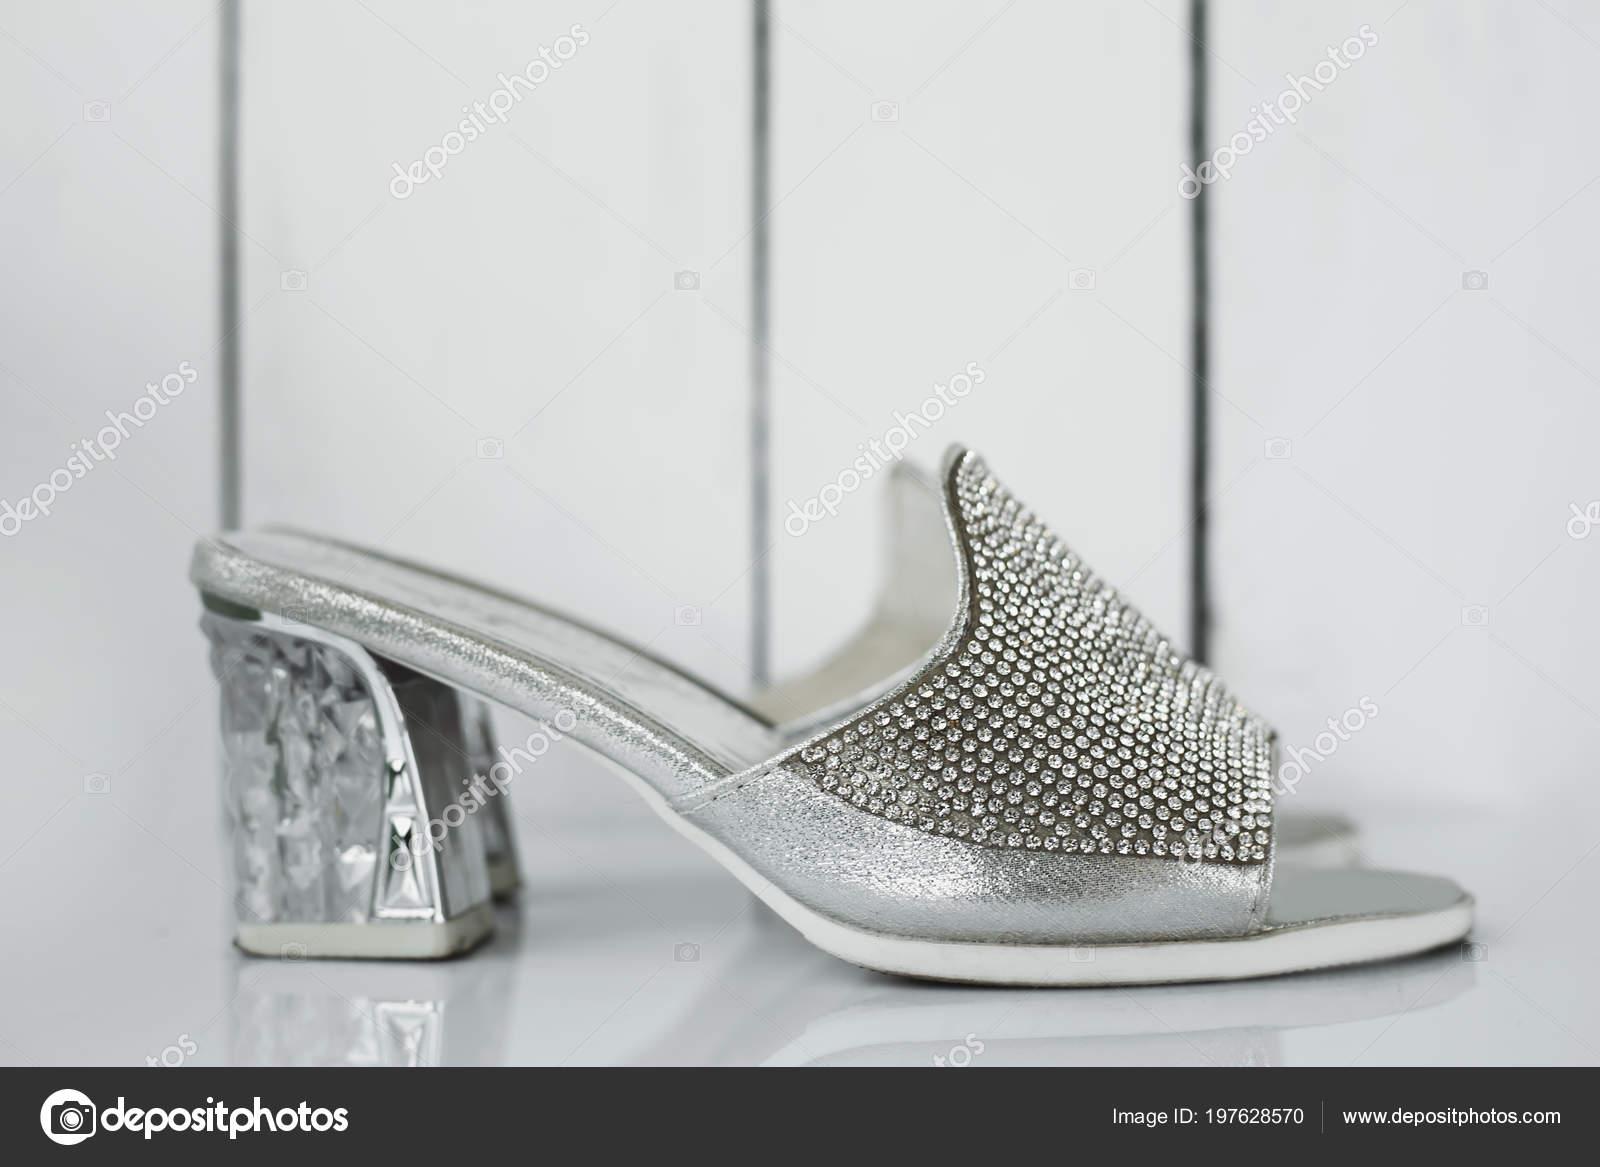 gran venta d3caf 81b98 Zapatos Plateados Elegantes Mujeres Sobre Fondo Gris — Foto ...